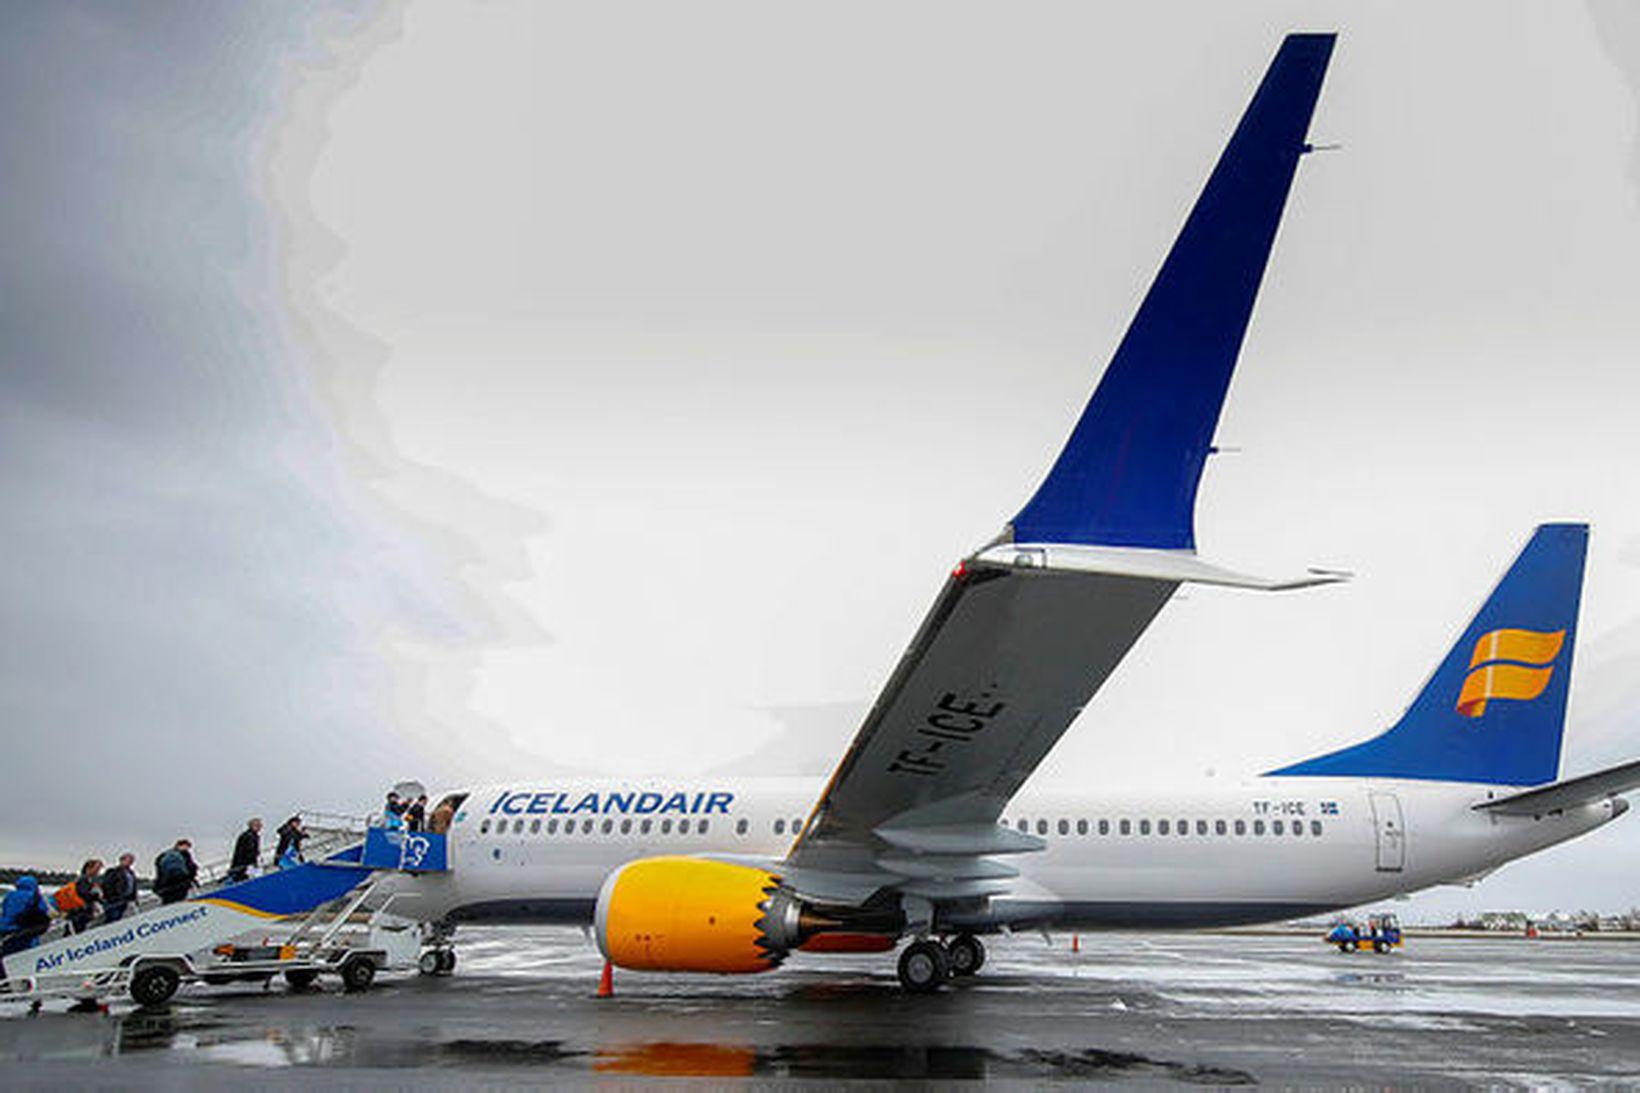 Senn skýrist hvort Icelandair leiti í smiðju fleiri en aðeins …